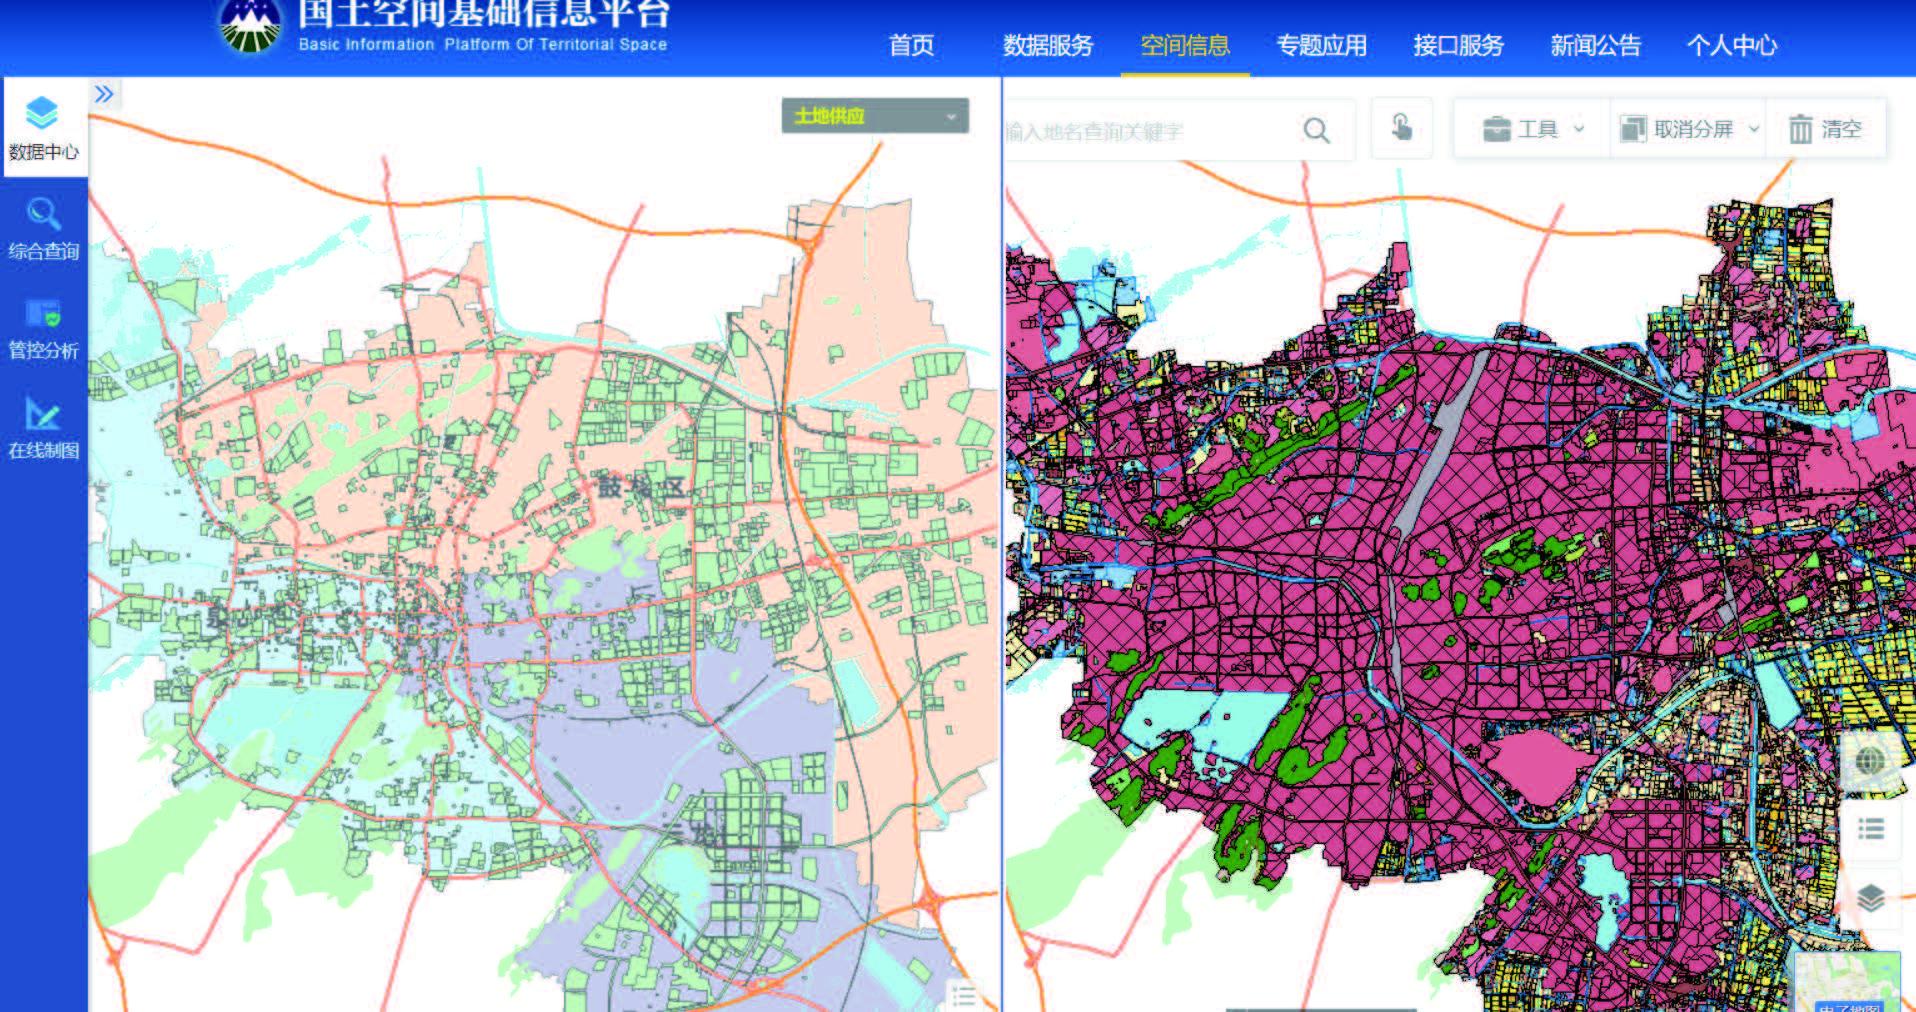 武大吉奧國土空間基礎信息平臺方案-網站版圖-2指標管理與模型管理-2